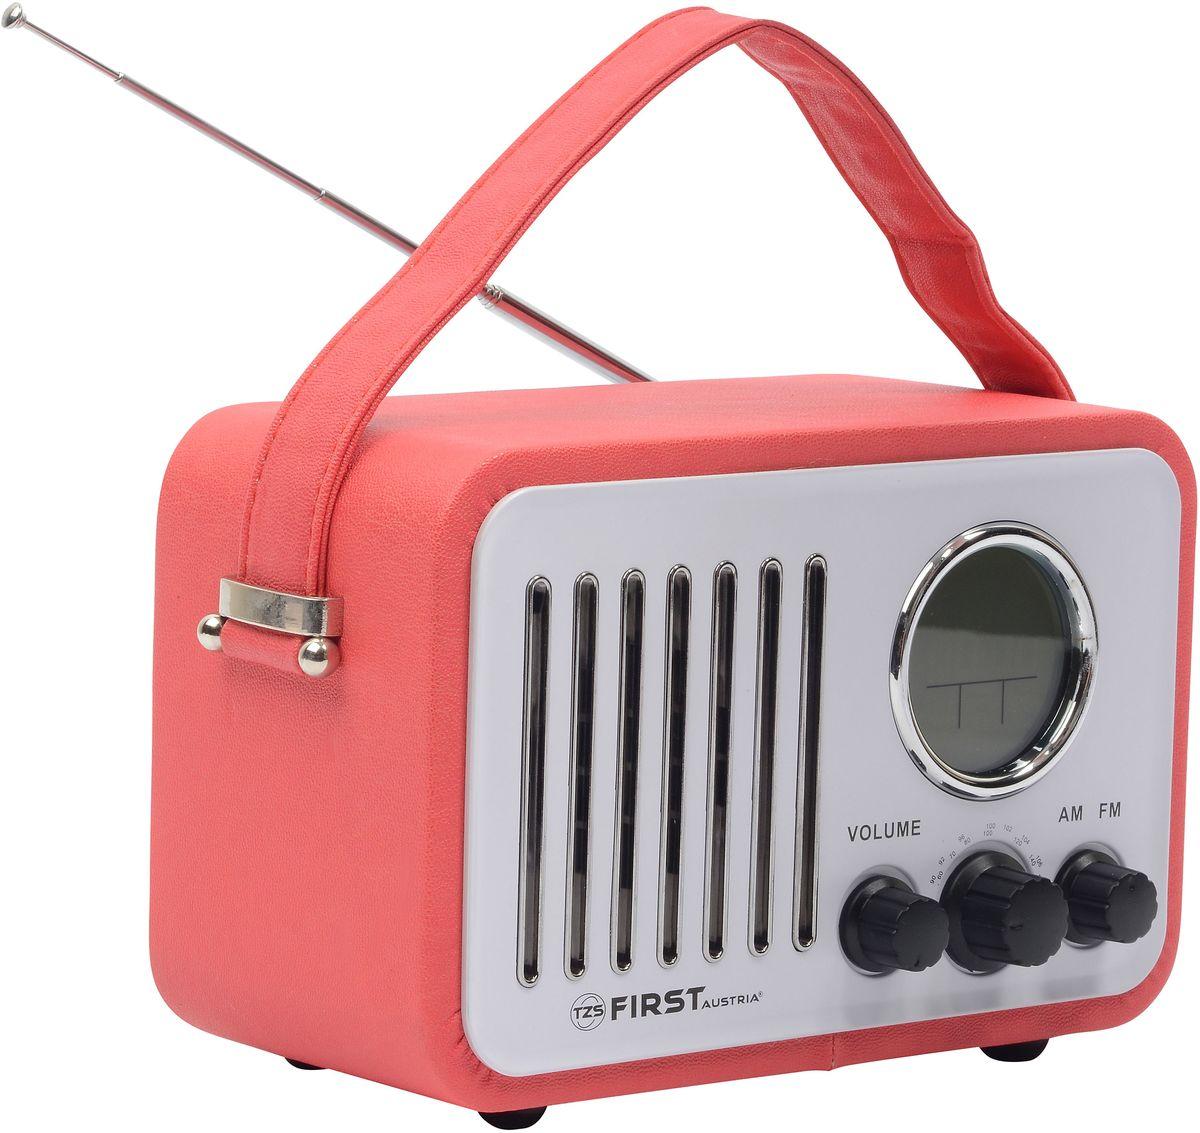 First FA-1908-1, Red радио-будильник - Радиобудильники и проекционные часы